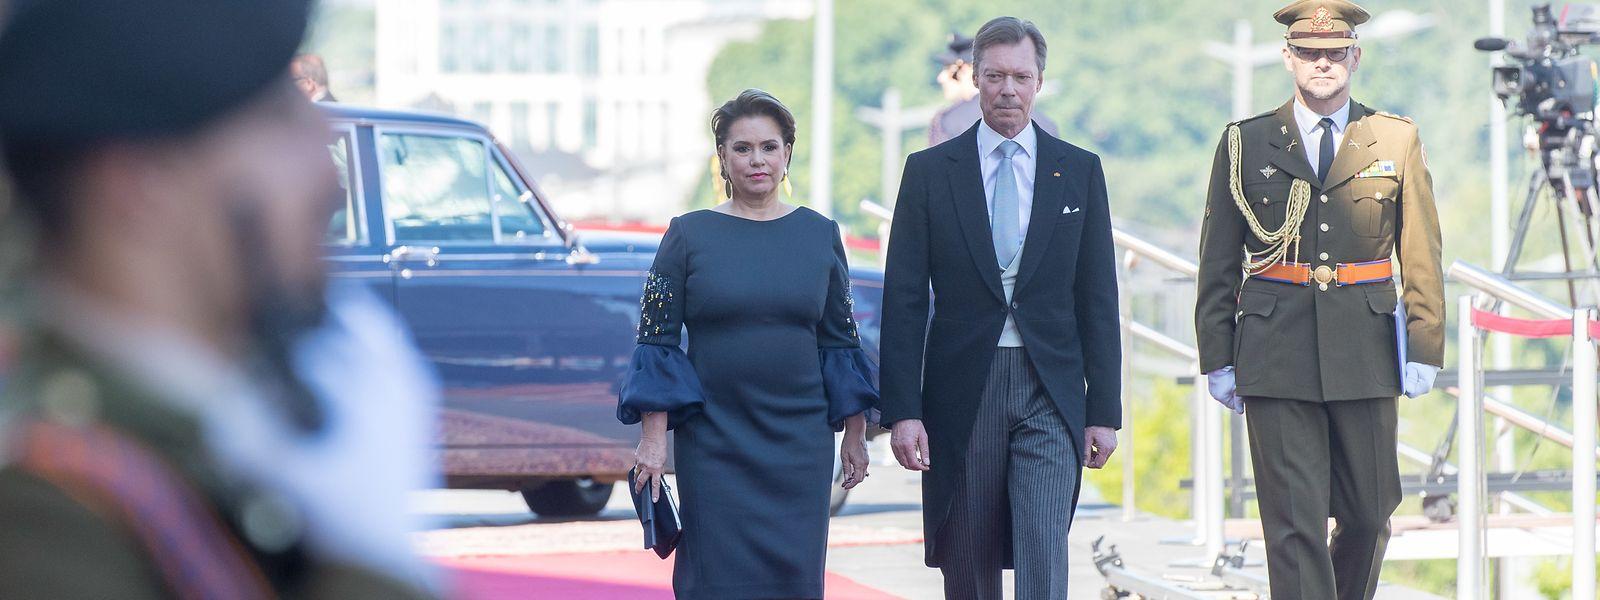 Das großherzogliche Paar bei seiner Ankunft vor der Philharmonie in Kirchberg.